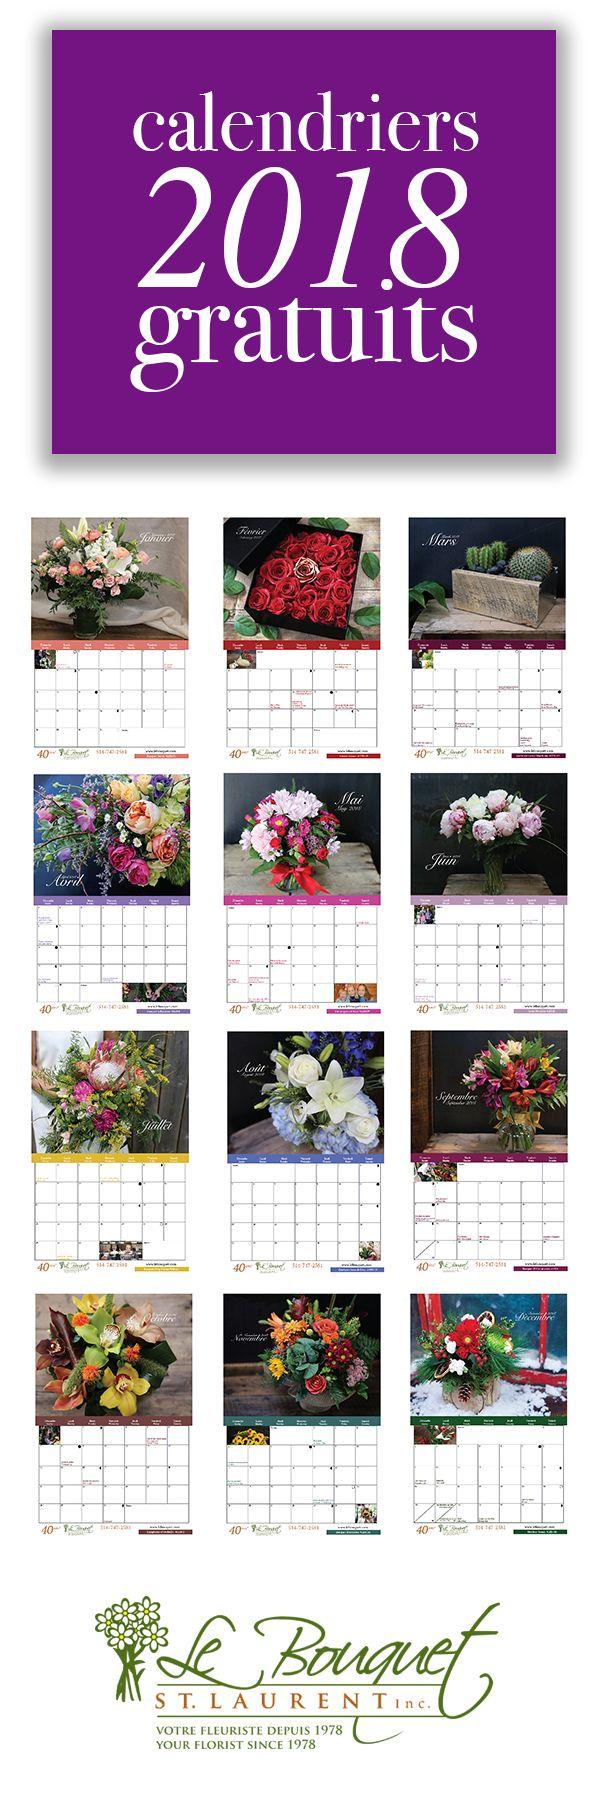 Téléchargez votre calendrier gratuit!  Two styles from fleuriste Le Bouquet St Laurent